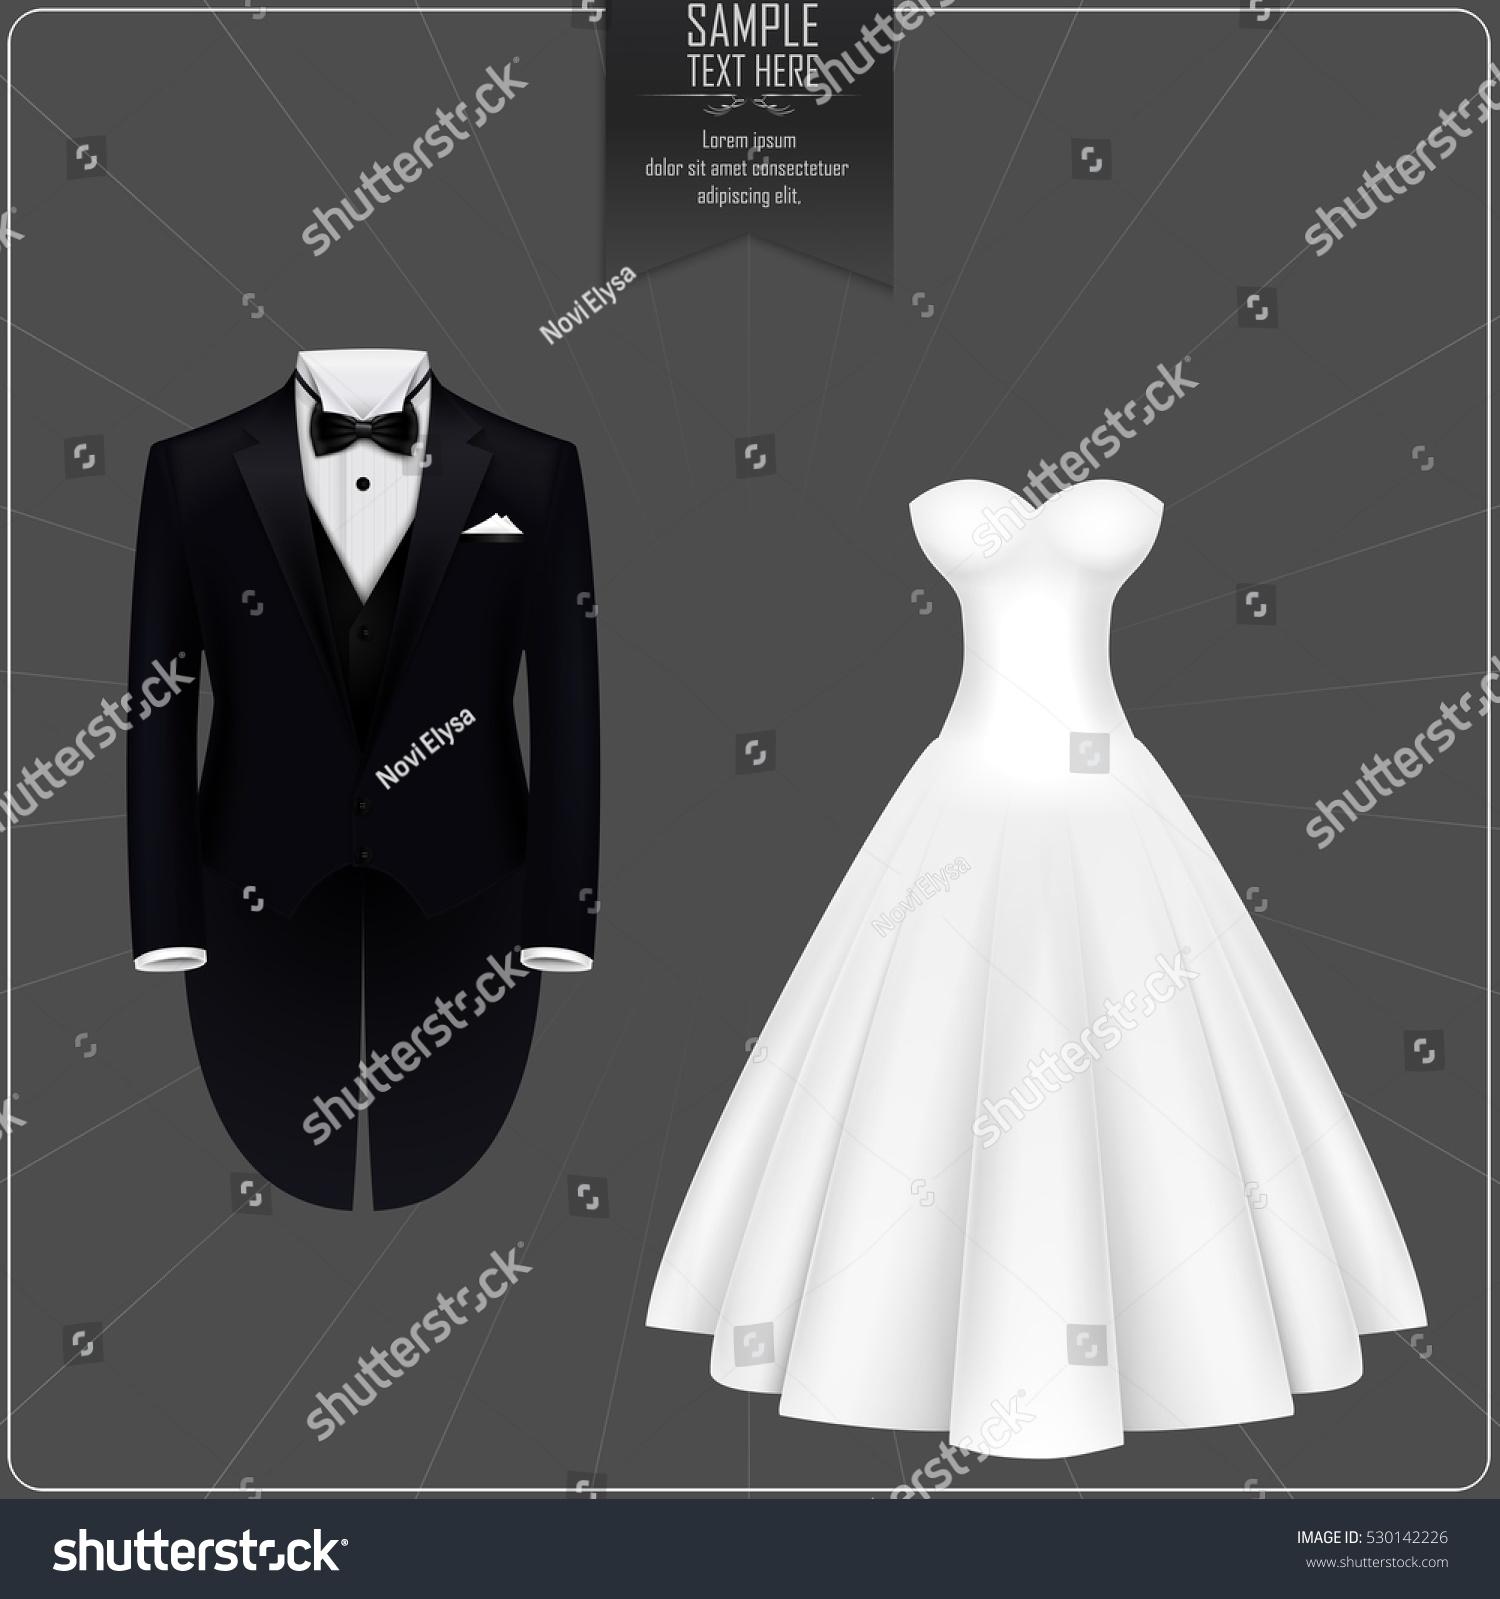 Tuxedo Bridal Gown Stock Illustration 530142226 - Shutterstock